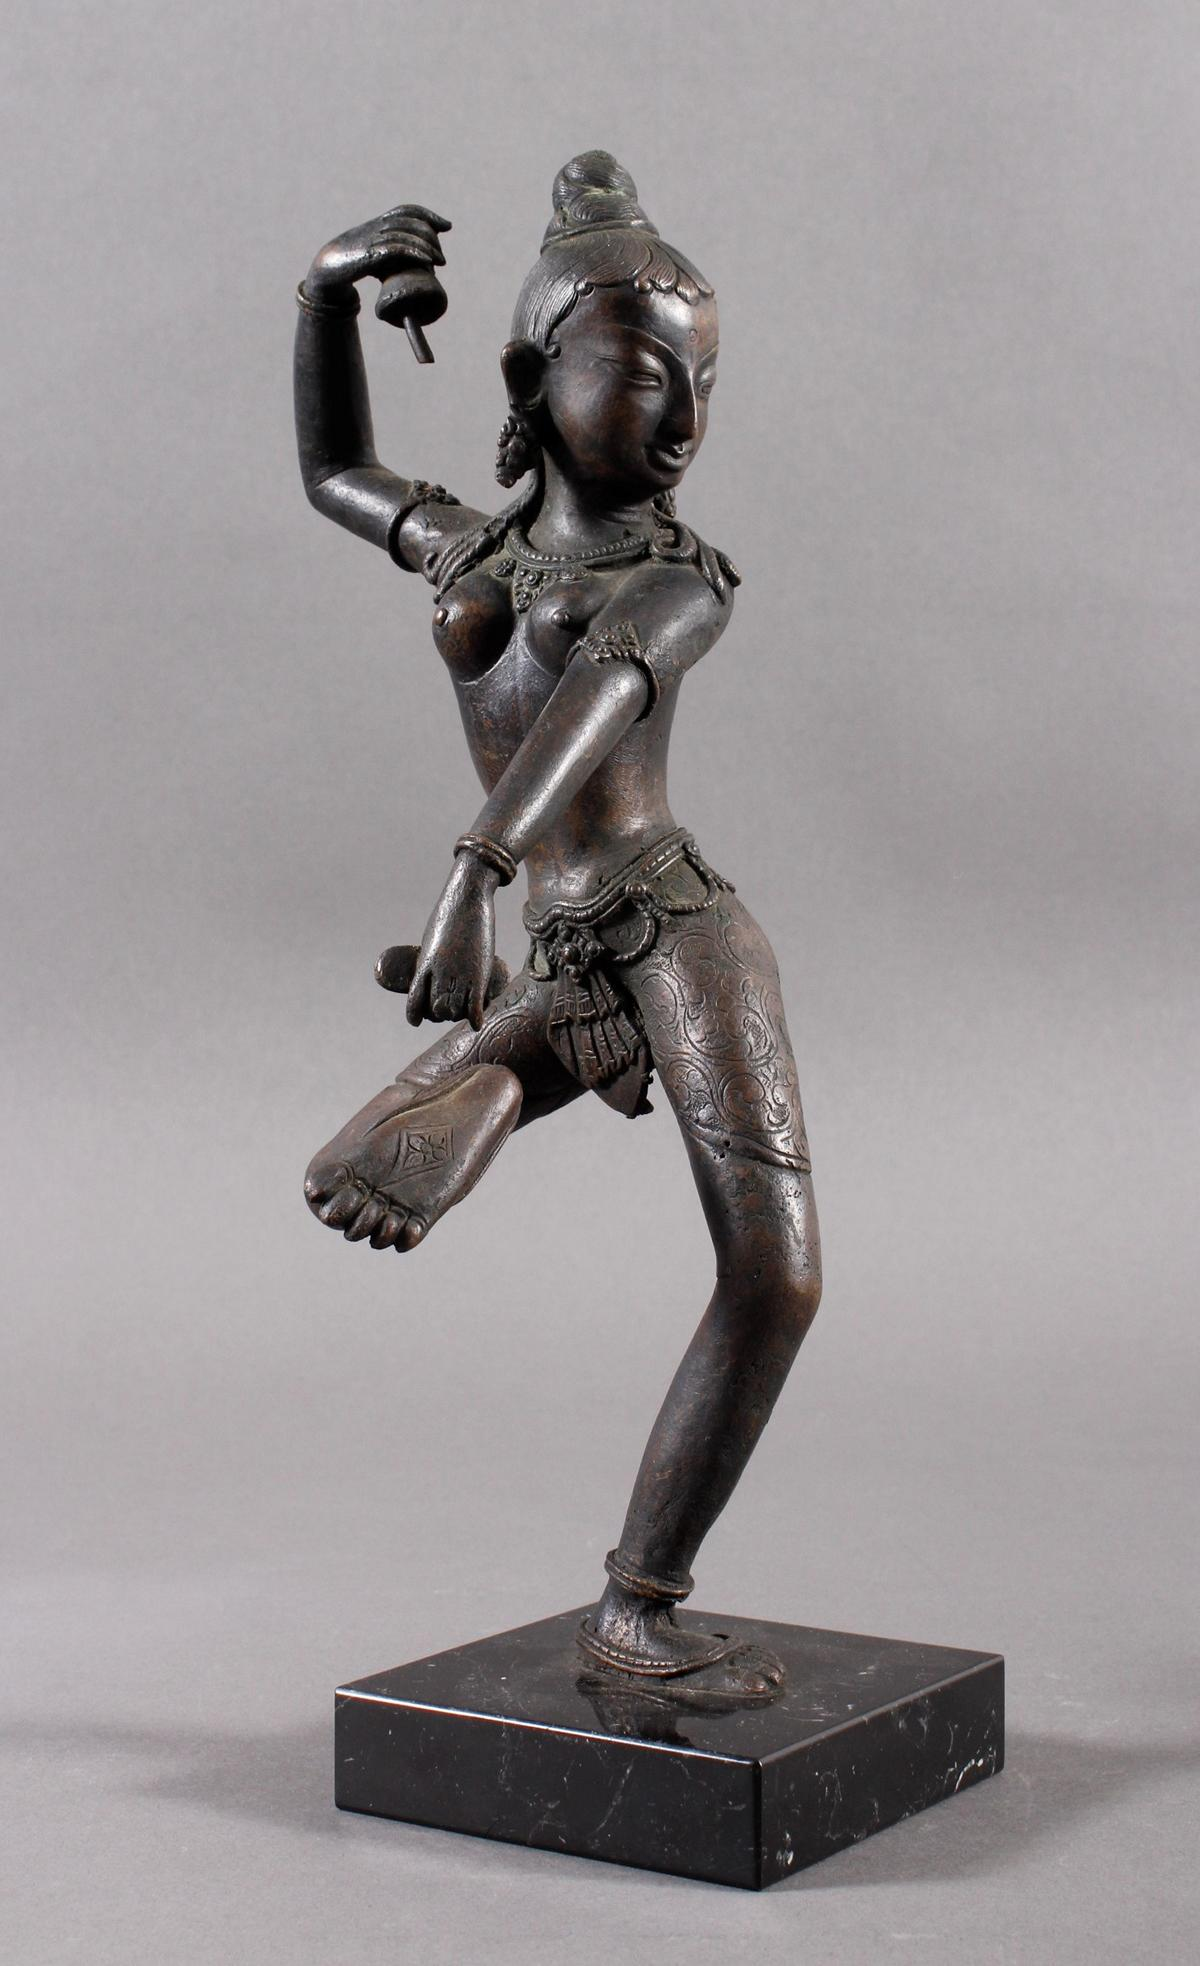 Bronze einer indischen Tänzerin auf schwarzem Marmorsockel, Südindien Anfang 20. Jahrhundert